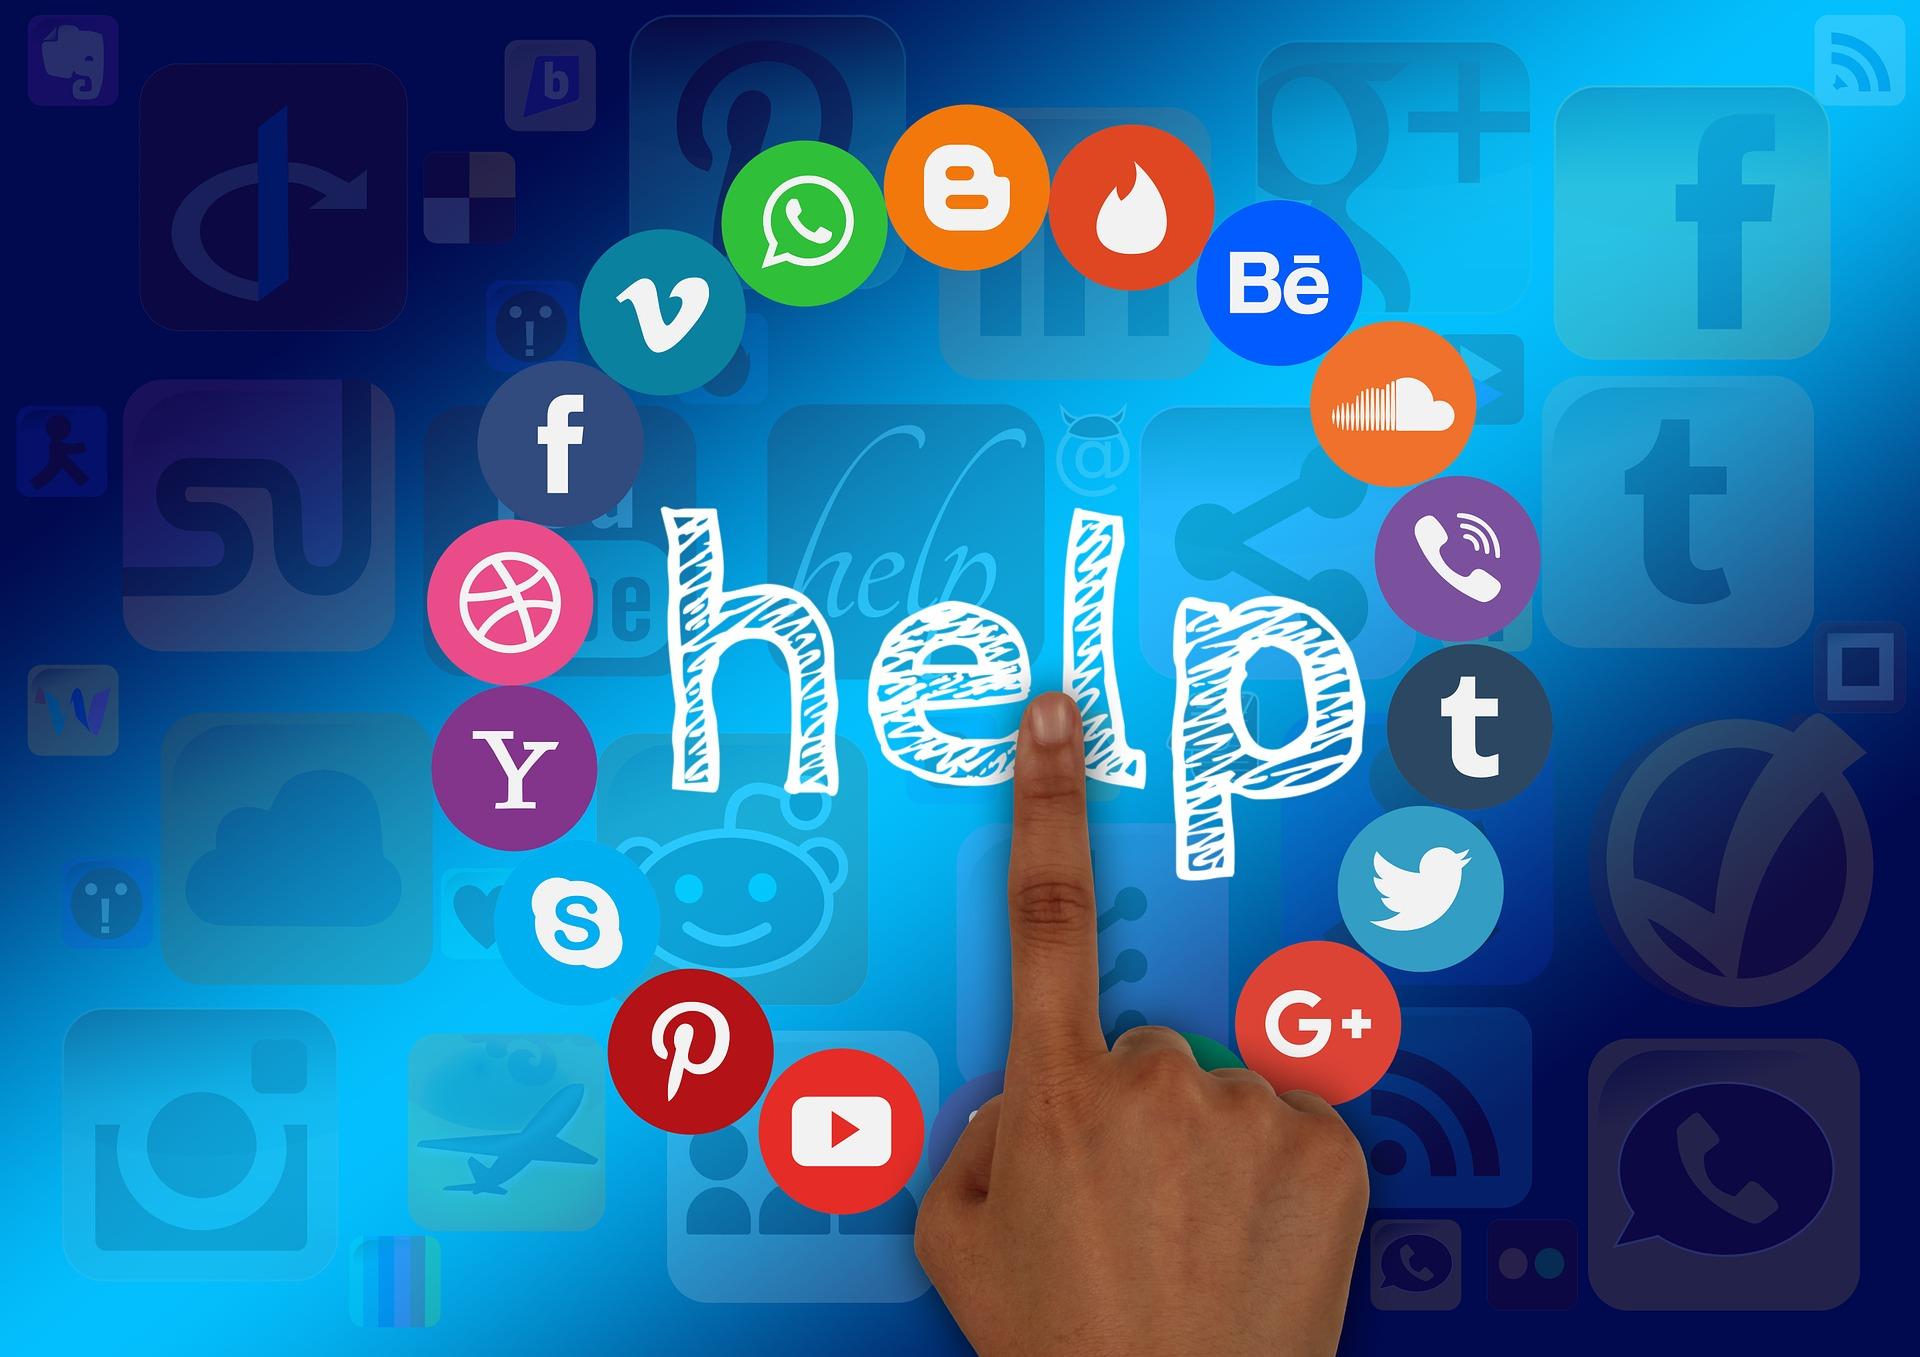 social media 1432937 1920 - 今さら聞けない!WordPressとは?初心者にメリット・デメリットを解説